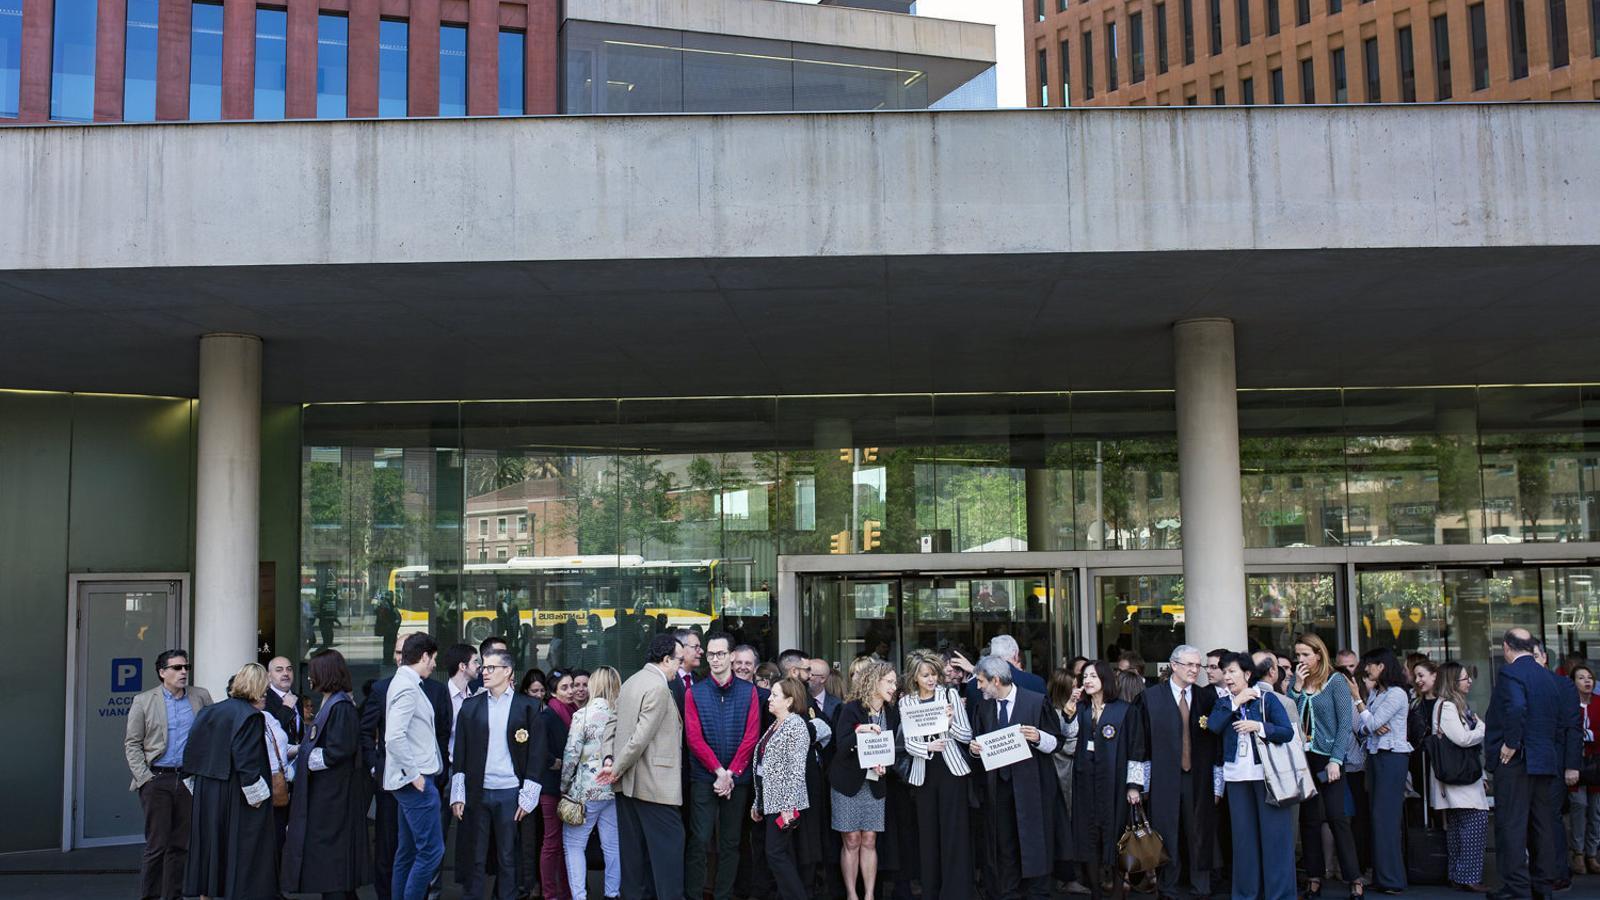 La concentració de dijous passat durant l'aturada parcial d'una hora a la Ciutat de la Justícia de Barcelona i l'Hospitalet.